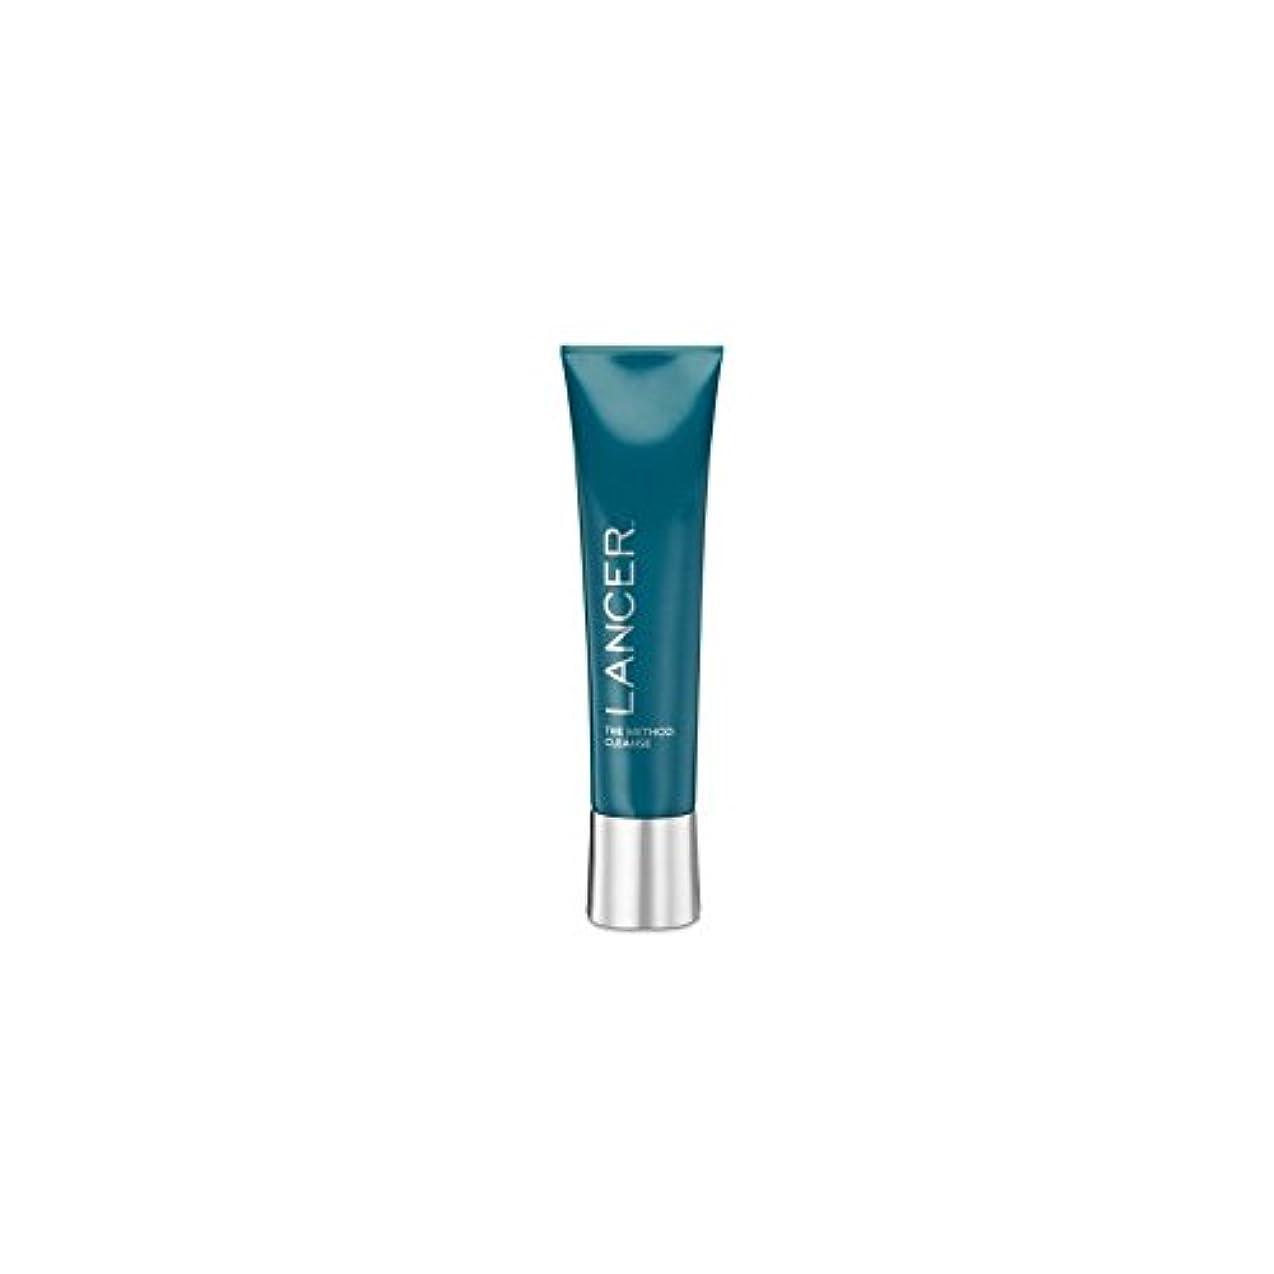 深い検出する農村Lancer Skincare The Method: Cleanser (120ml) - クレンザー(120ミリリットル):ランサーは、メソッドをスキンケア [並行輸入品]